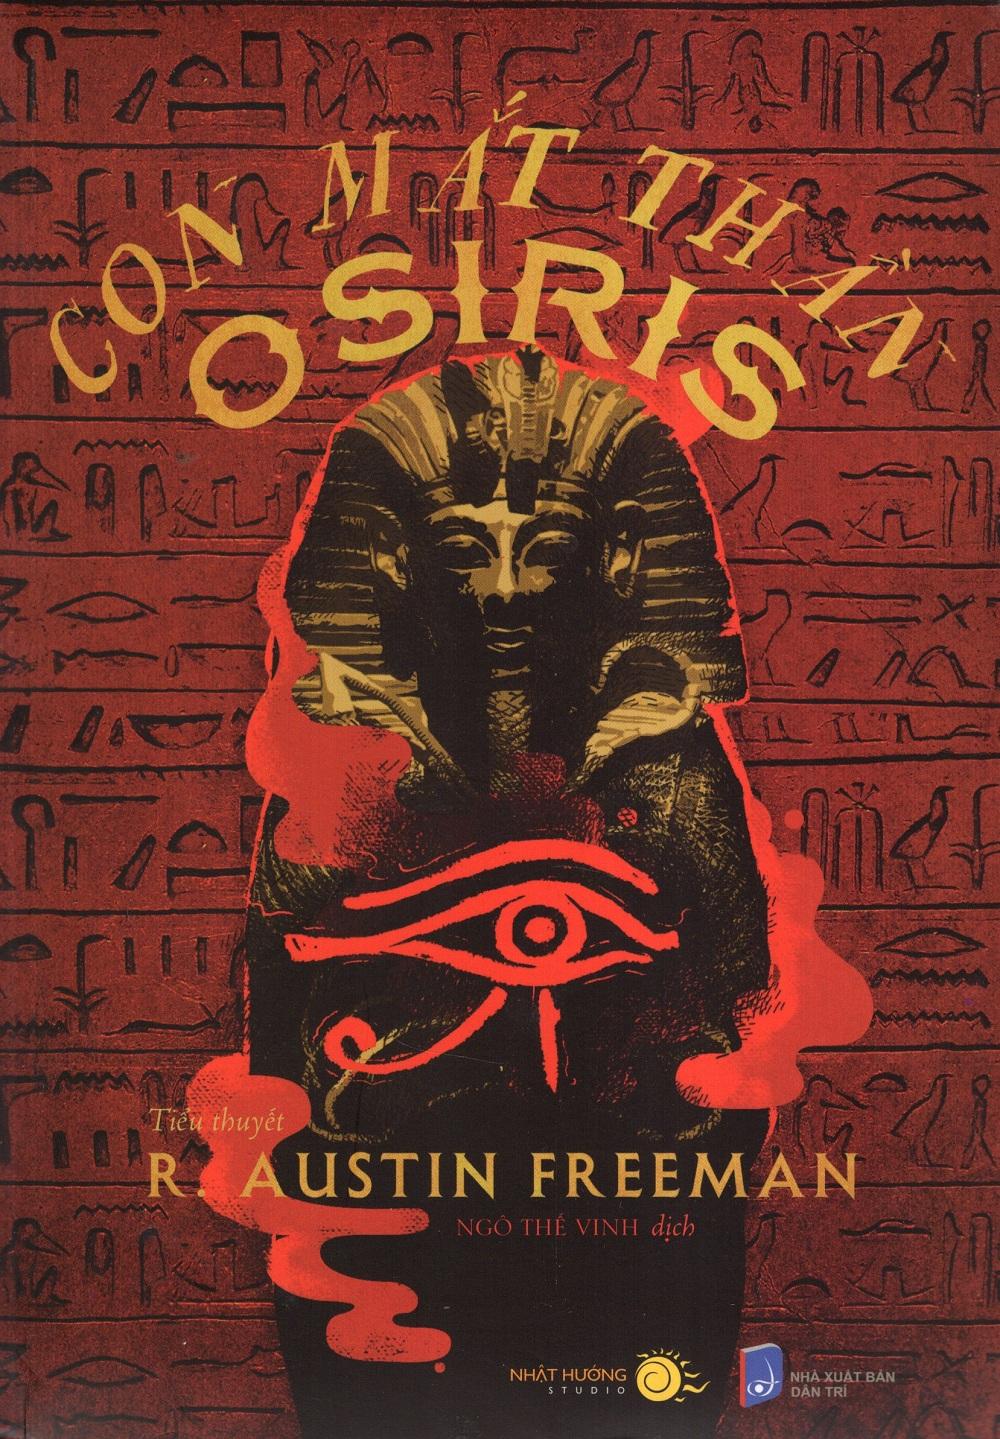 Con Mắt Thần Osiris - 7844569 , 9786048834906 , 62_311634 , 105000 , Con-Mat-Than-Osiris-62_311634 , tiki.vn , Con Mắt Thần Osiris